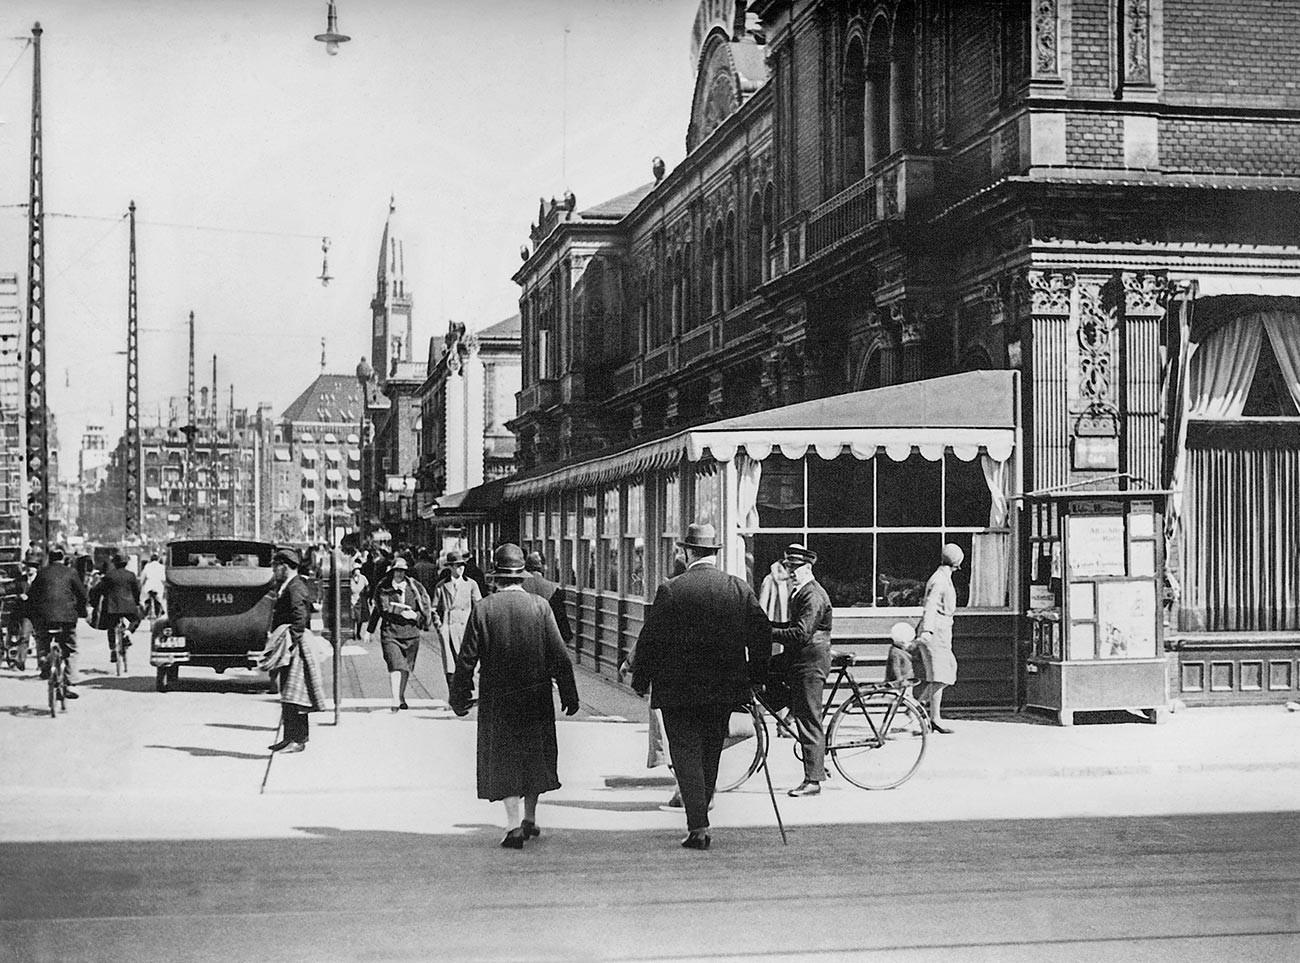 Прометна улица у Копенхагену, 1931.